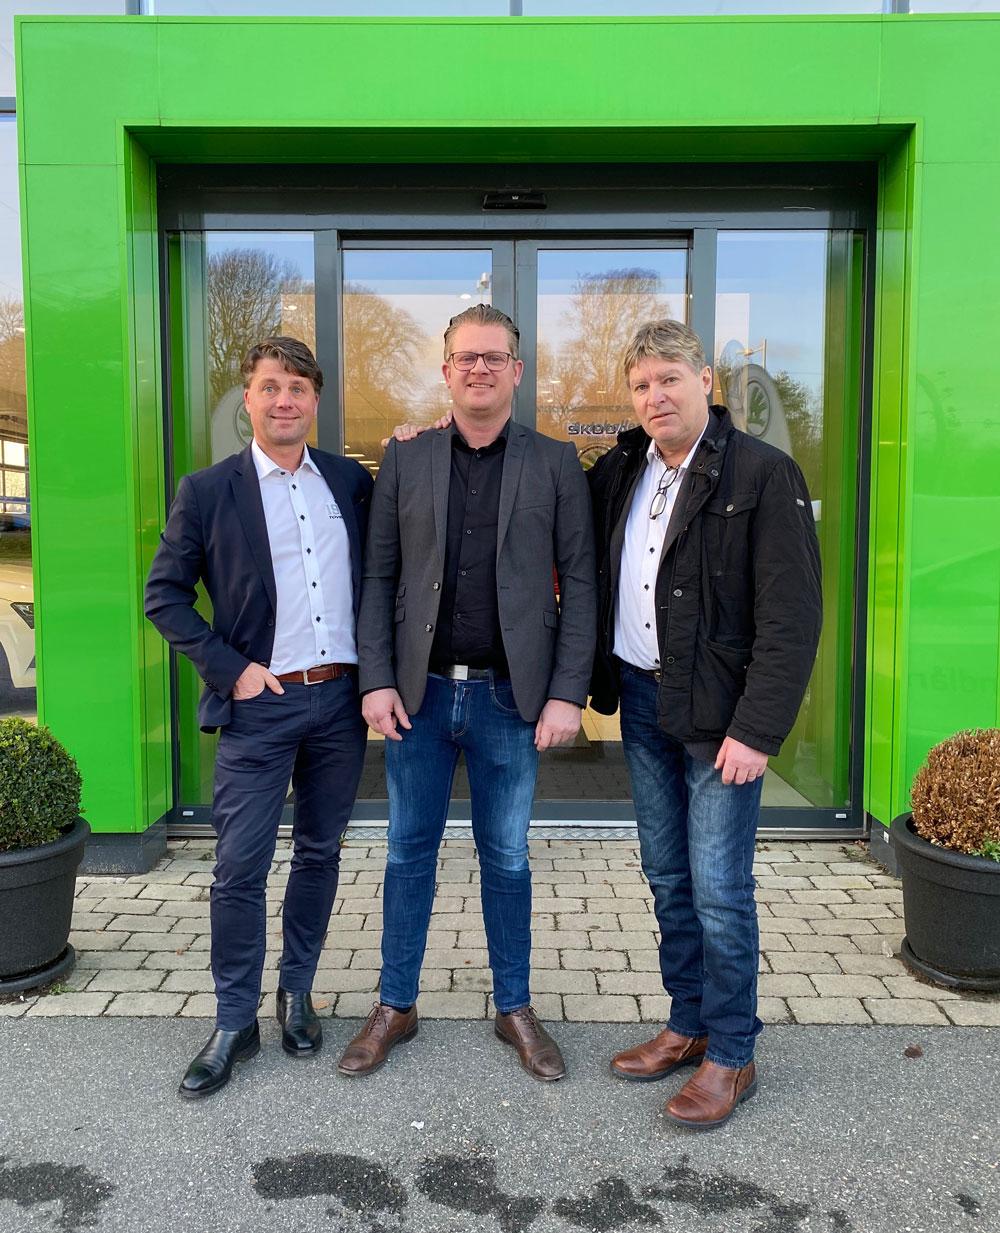 Johan Nohlgren, Daniel Olsson & Gregor Tovek